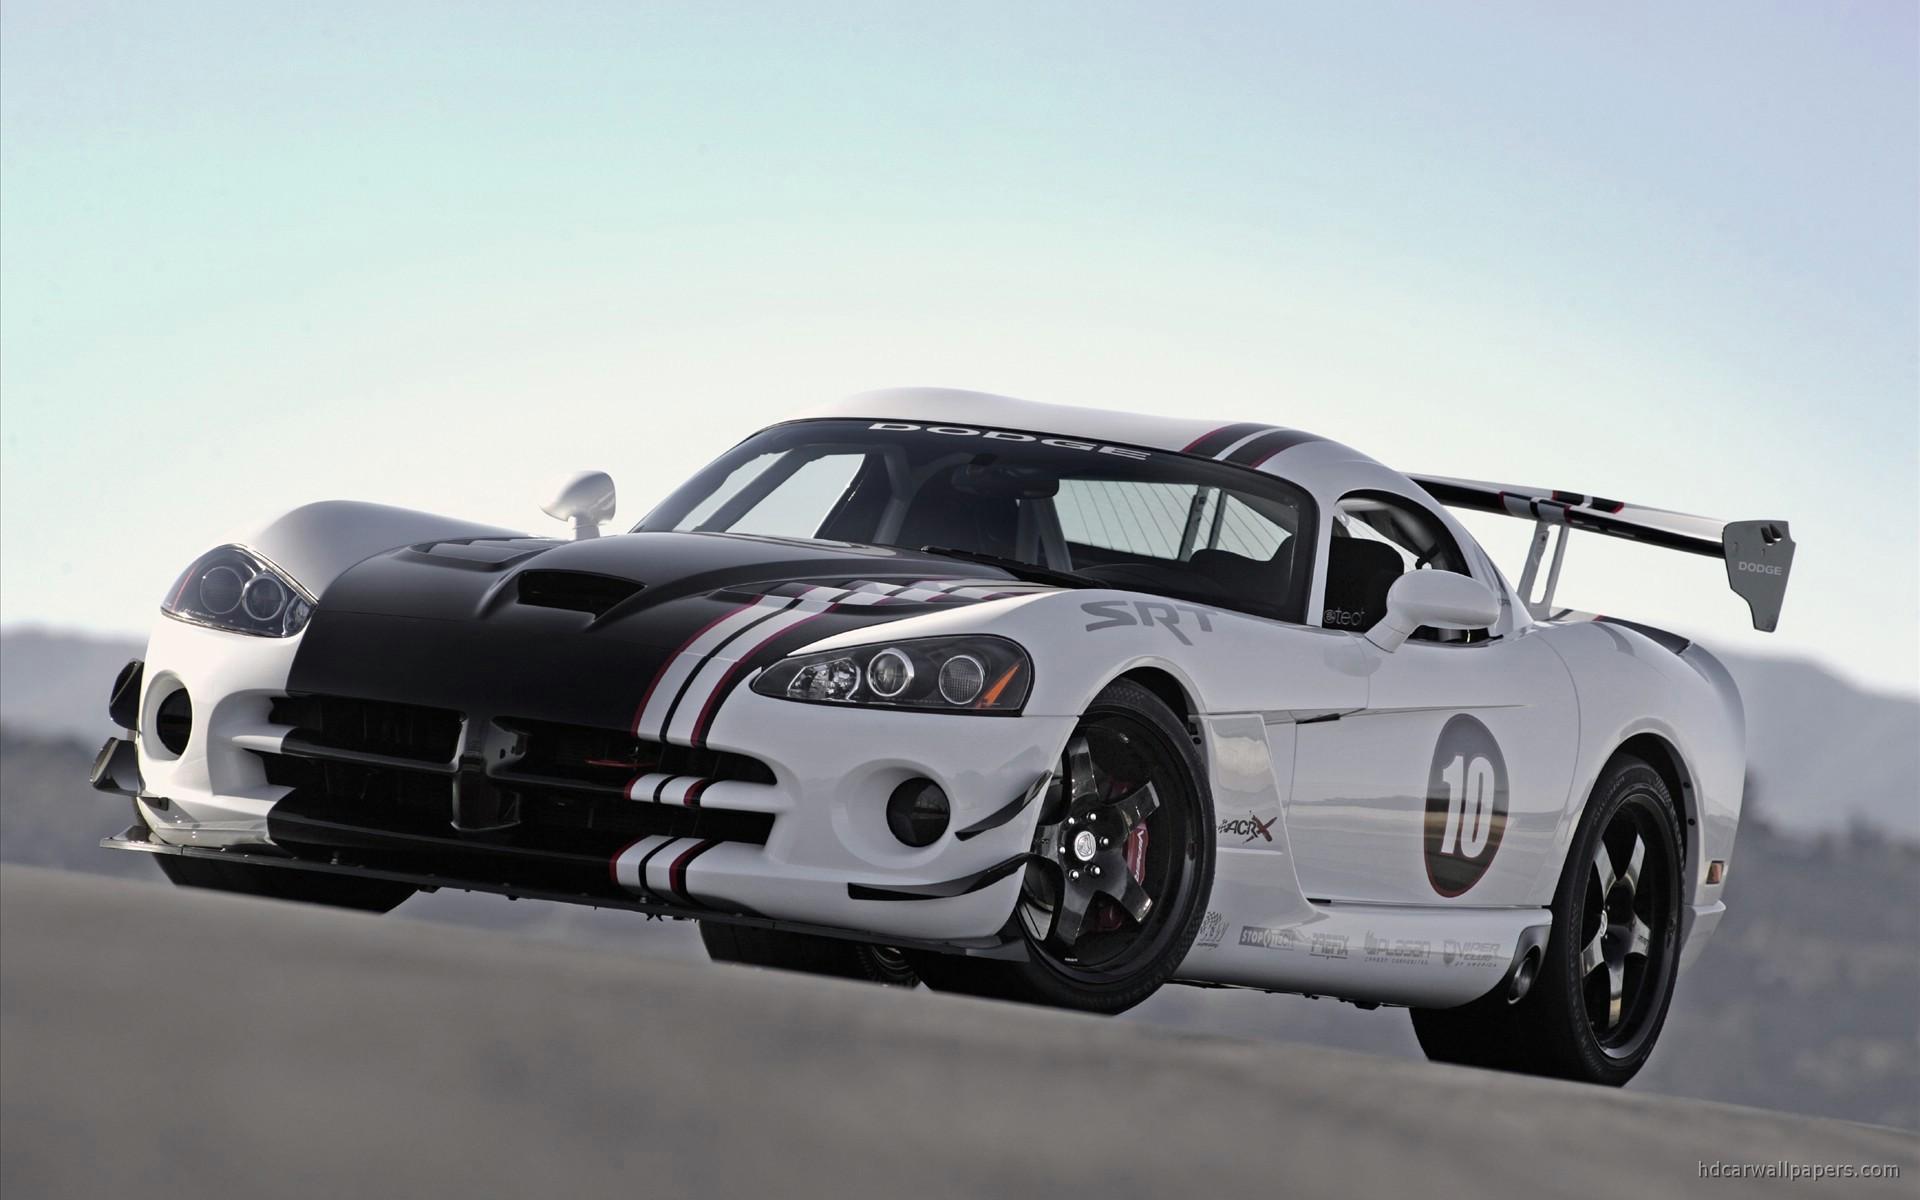 Dodge Viper SRT10 ACR X 2010 4 Wallpaper | HD Car ...